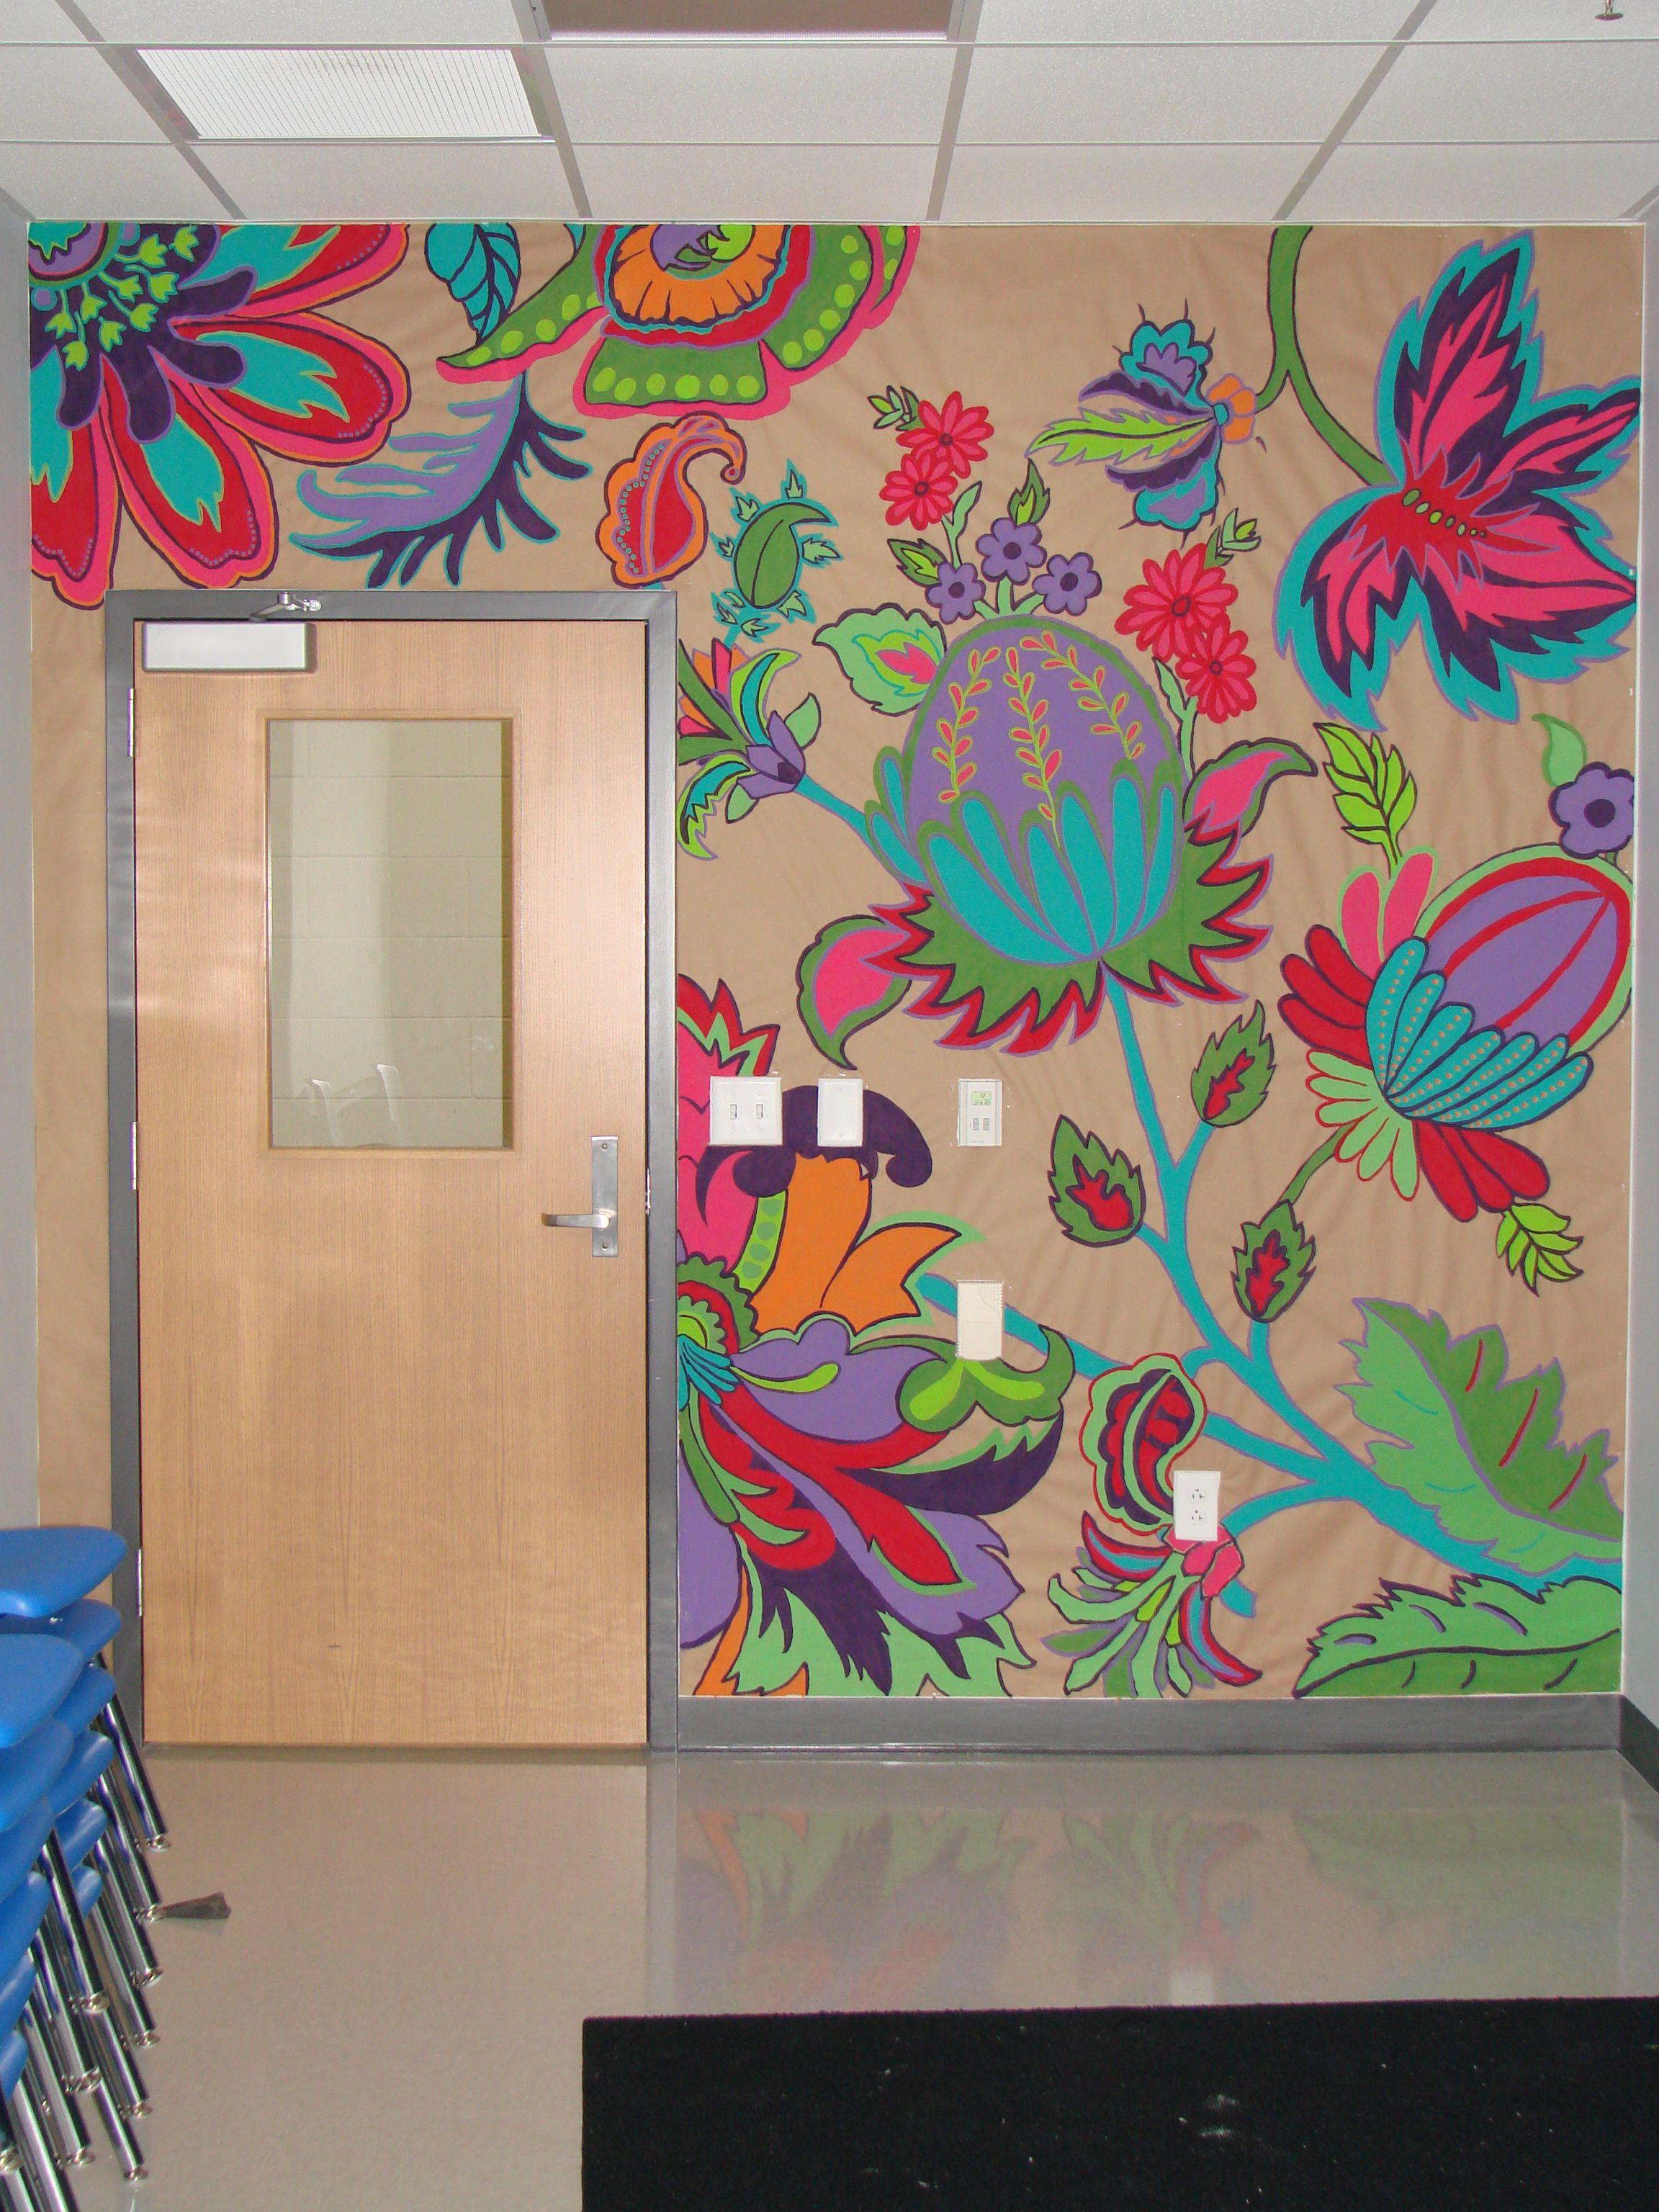 Pin By Casilda Par Con On Decoracion Clase Art Room Art Classroom School Murals